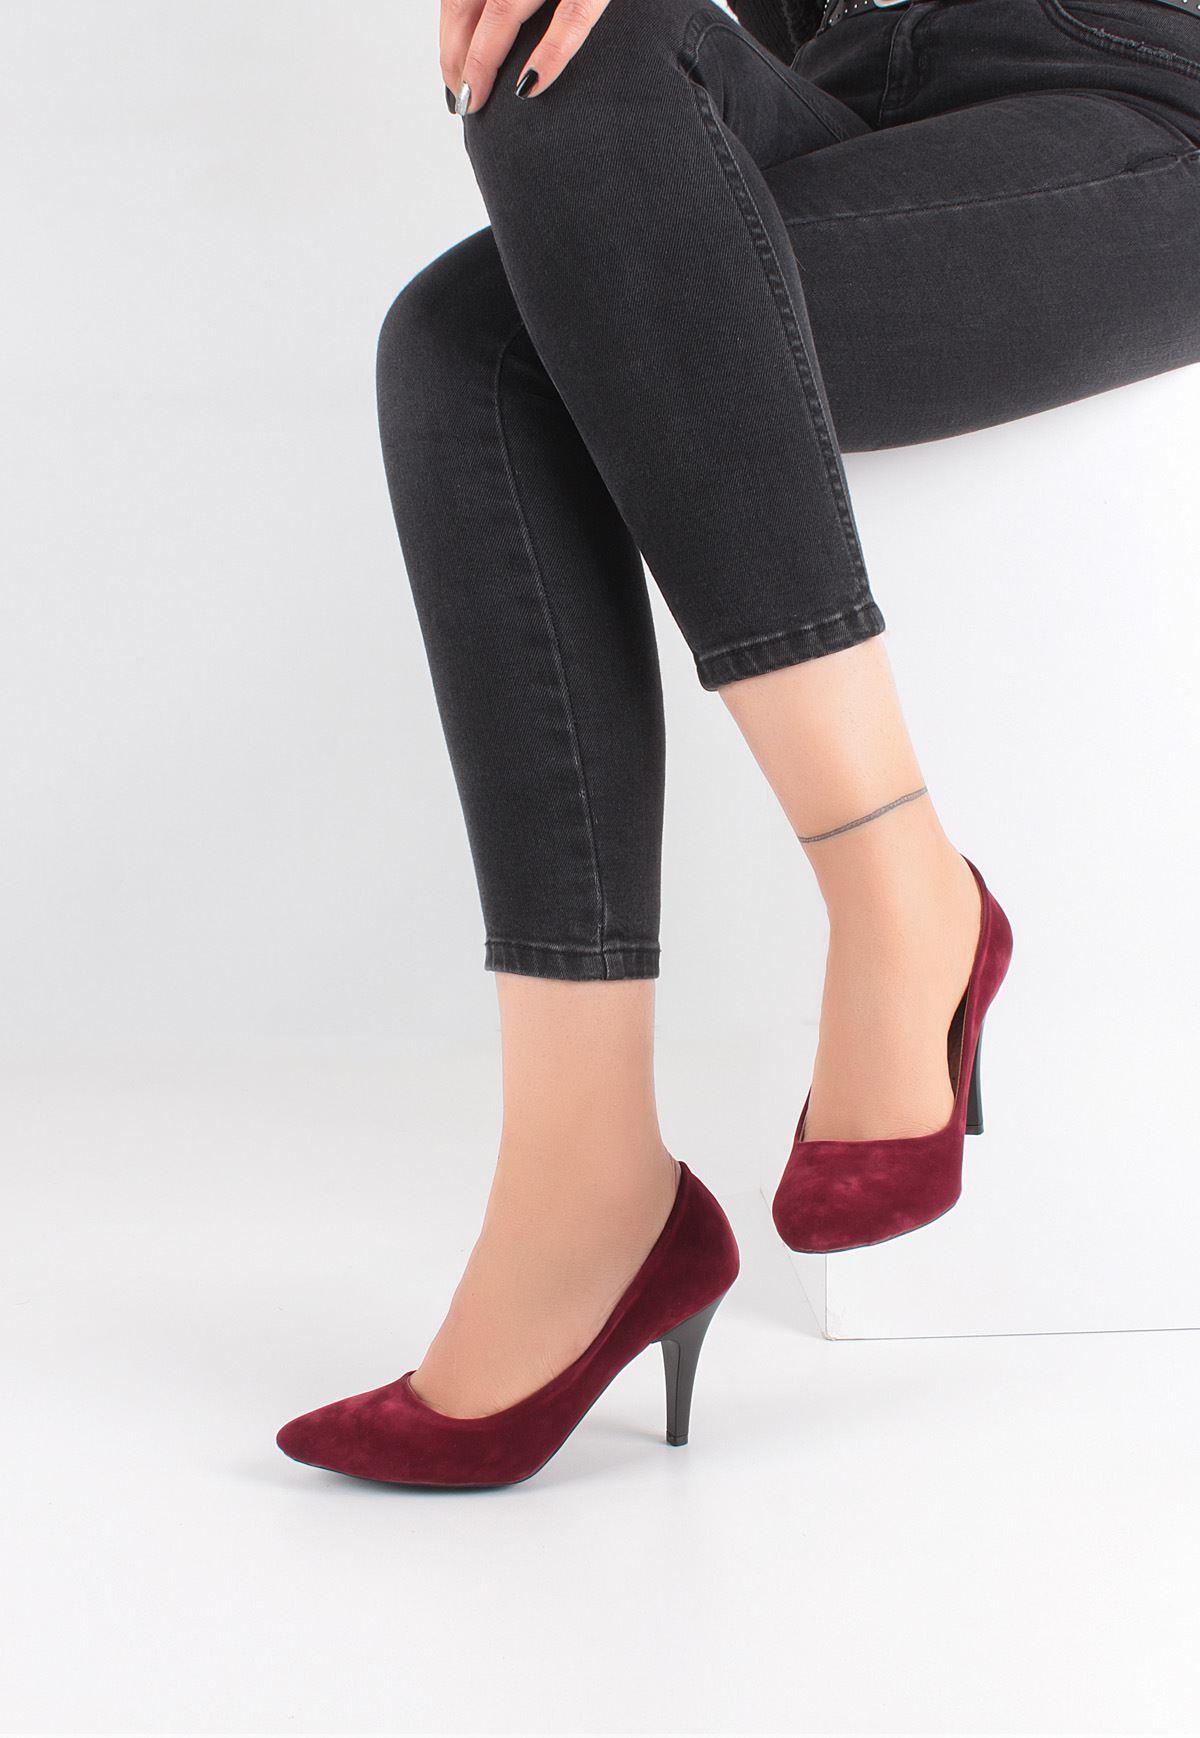 Bordo Renk Süet Bayan Stiletto Ayakkabı